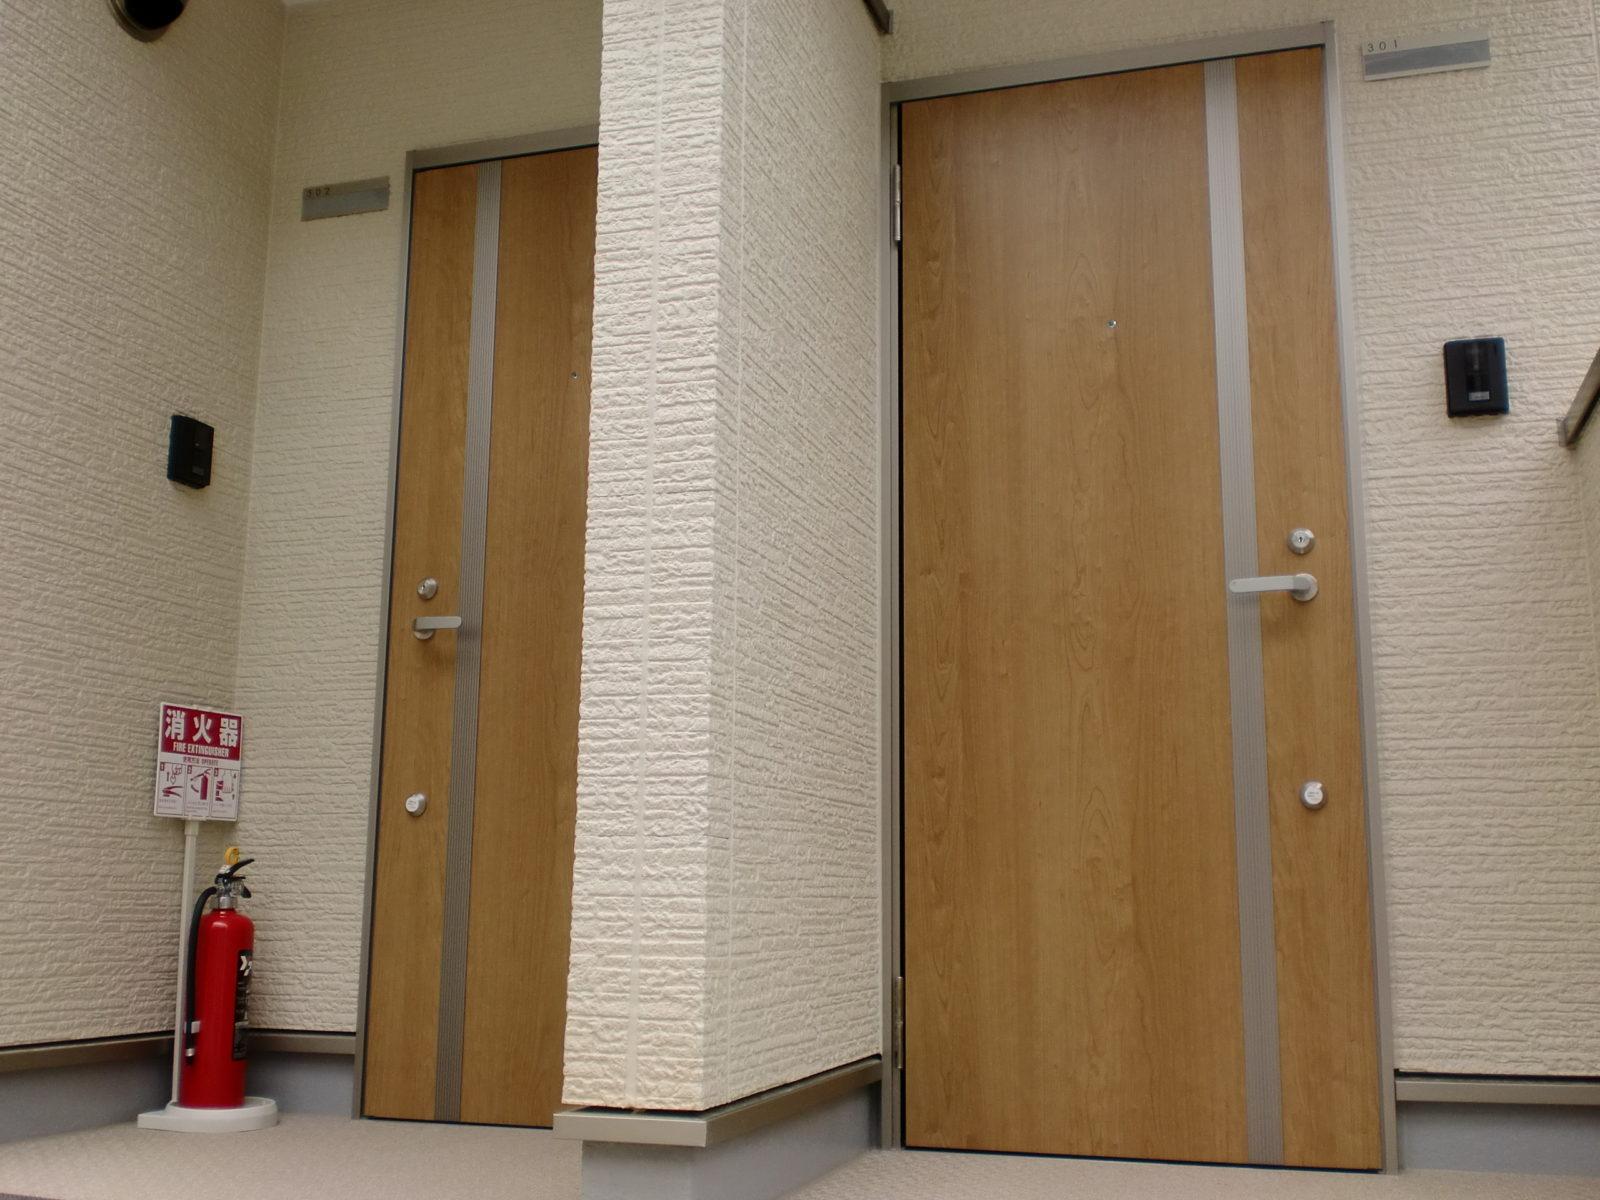 共同住宅:玄関